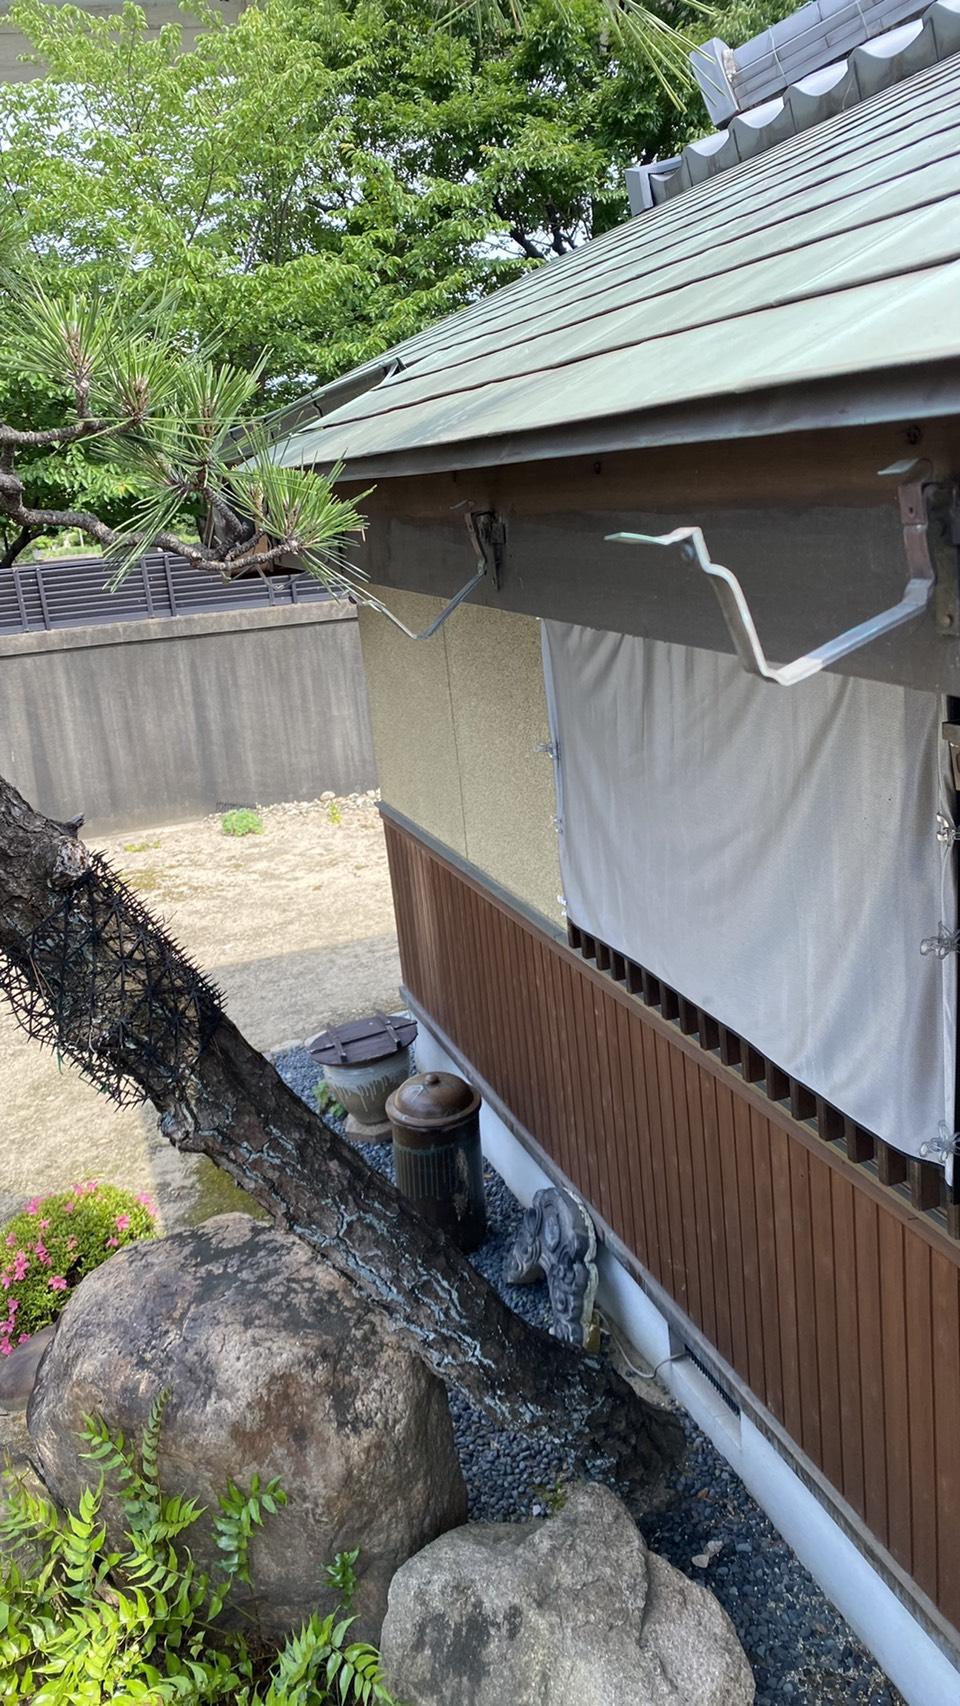 明石市でオーバーフローしている雨樋を撤去した様子